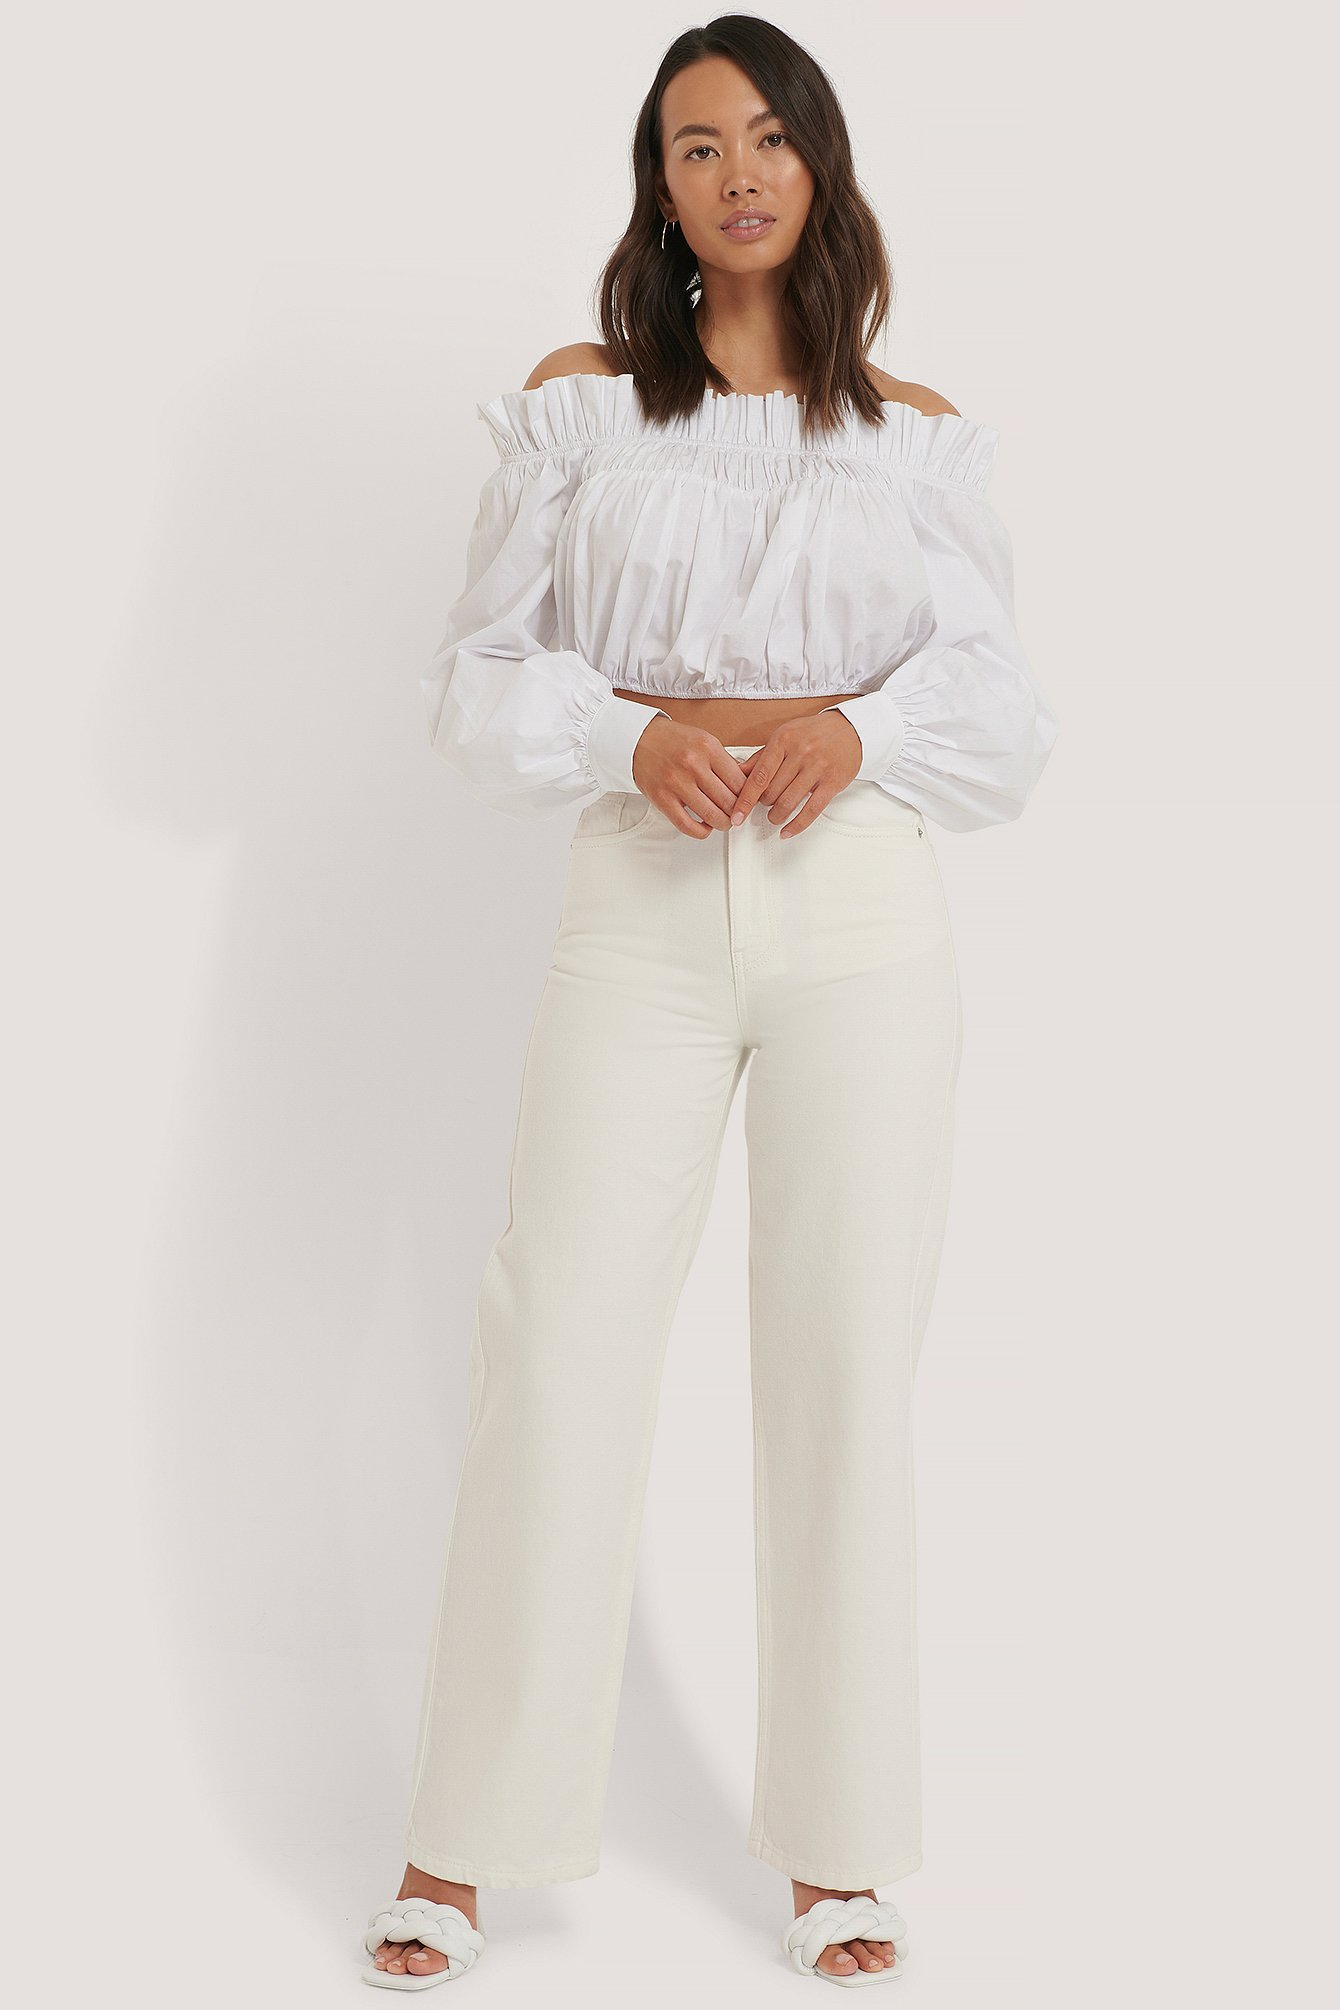 NA-KD Trend Denim-Jeans Mit Weiten Beinen Und Hoher Taille - Offwhite   Bekleidung > Jeans > Sonstige Jeans   NA-KD Trend